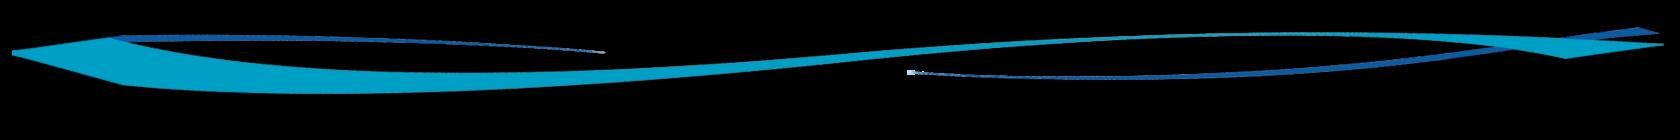 blue-divider-png-6.png